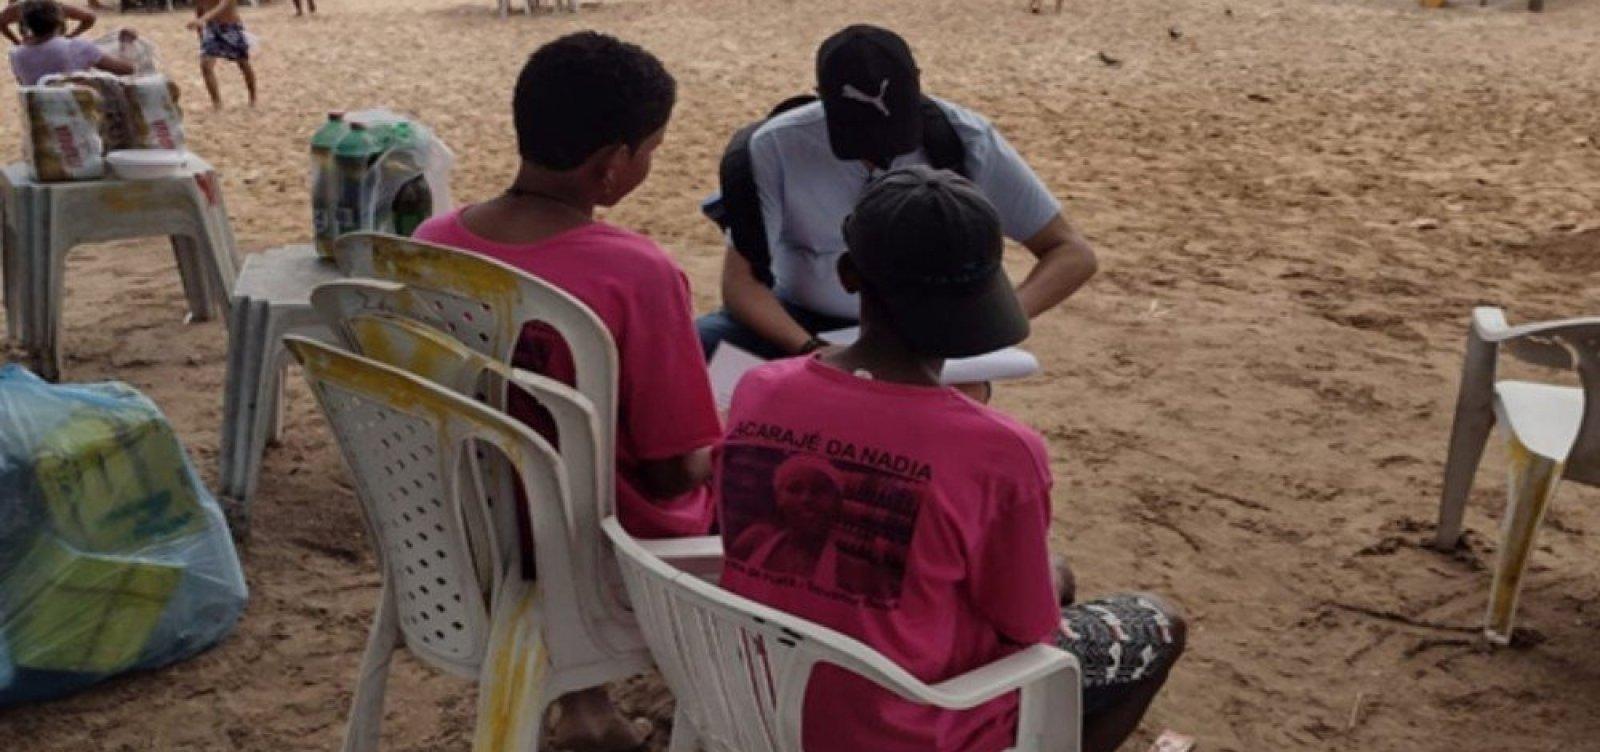 Estabelecimentos são notificados por explorar mão de obra infantil em praias de Salvador e região metropolitana